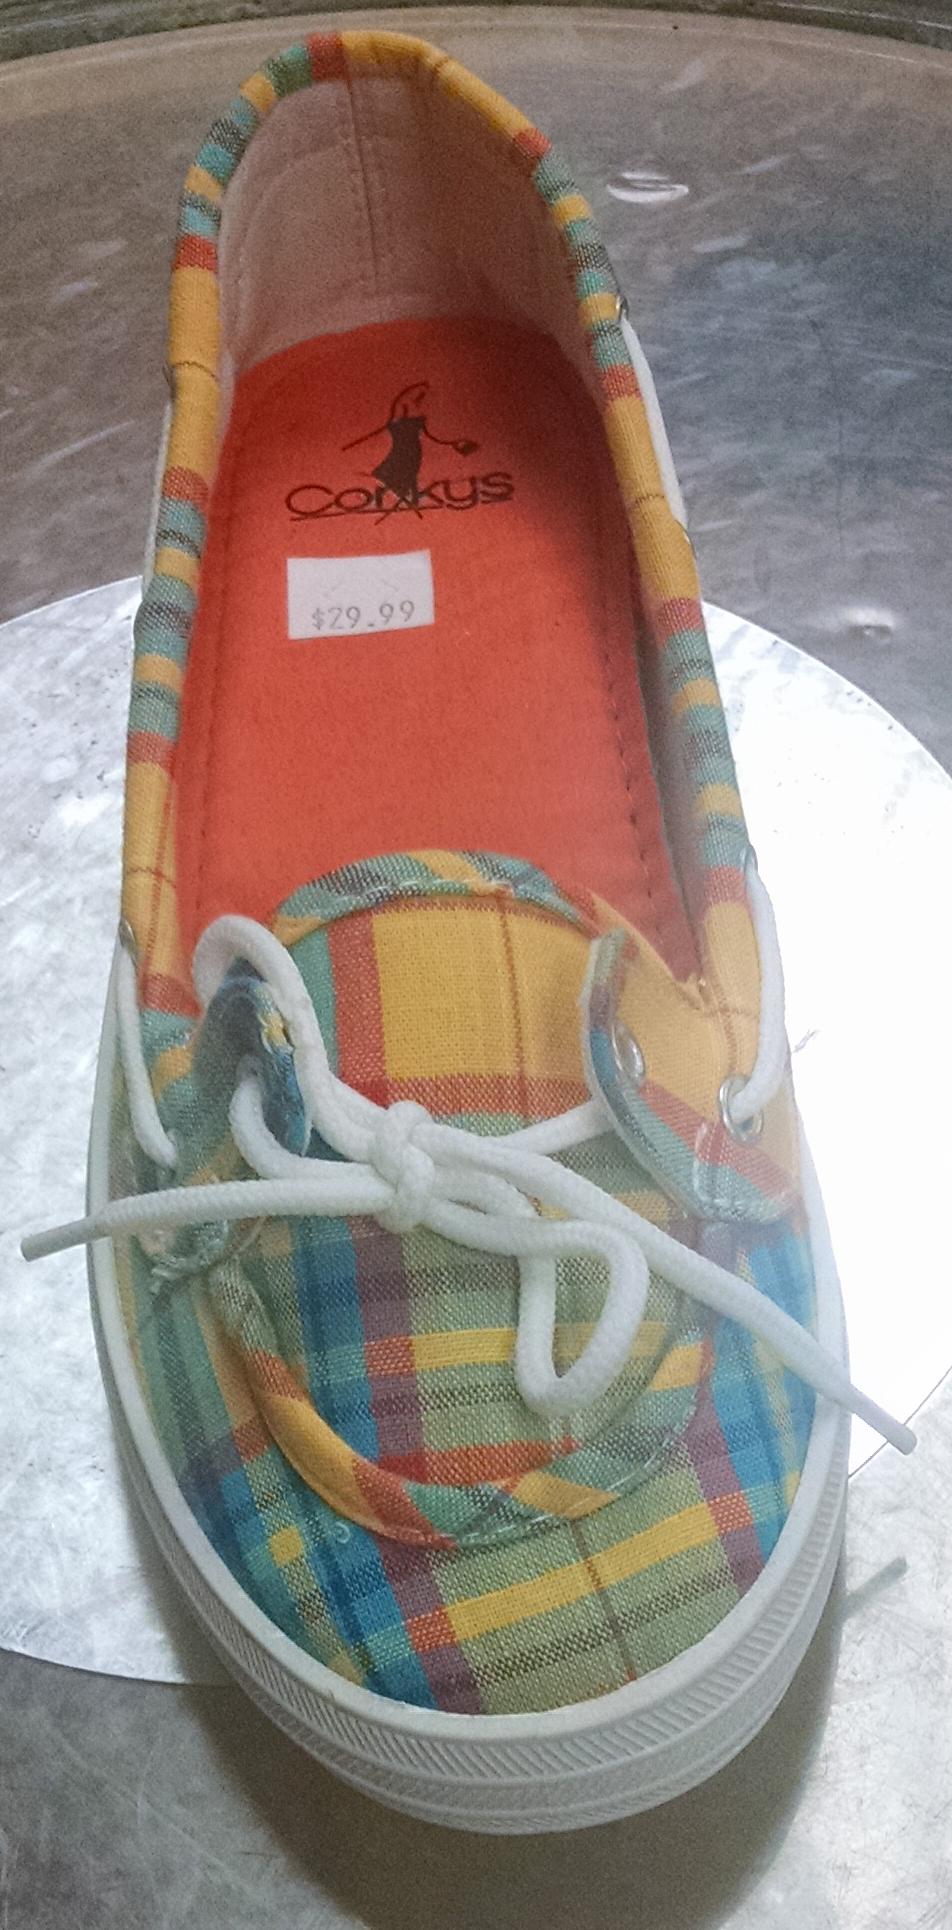 Corky - Deckit - Orange Multi   Boutique 1631 encequiconcerne Deckit